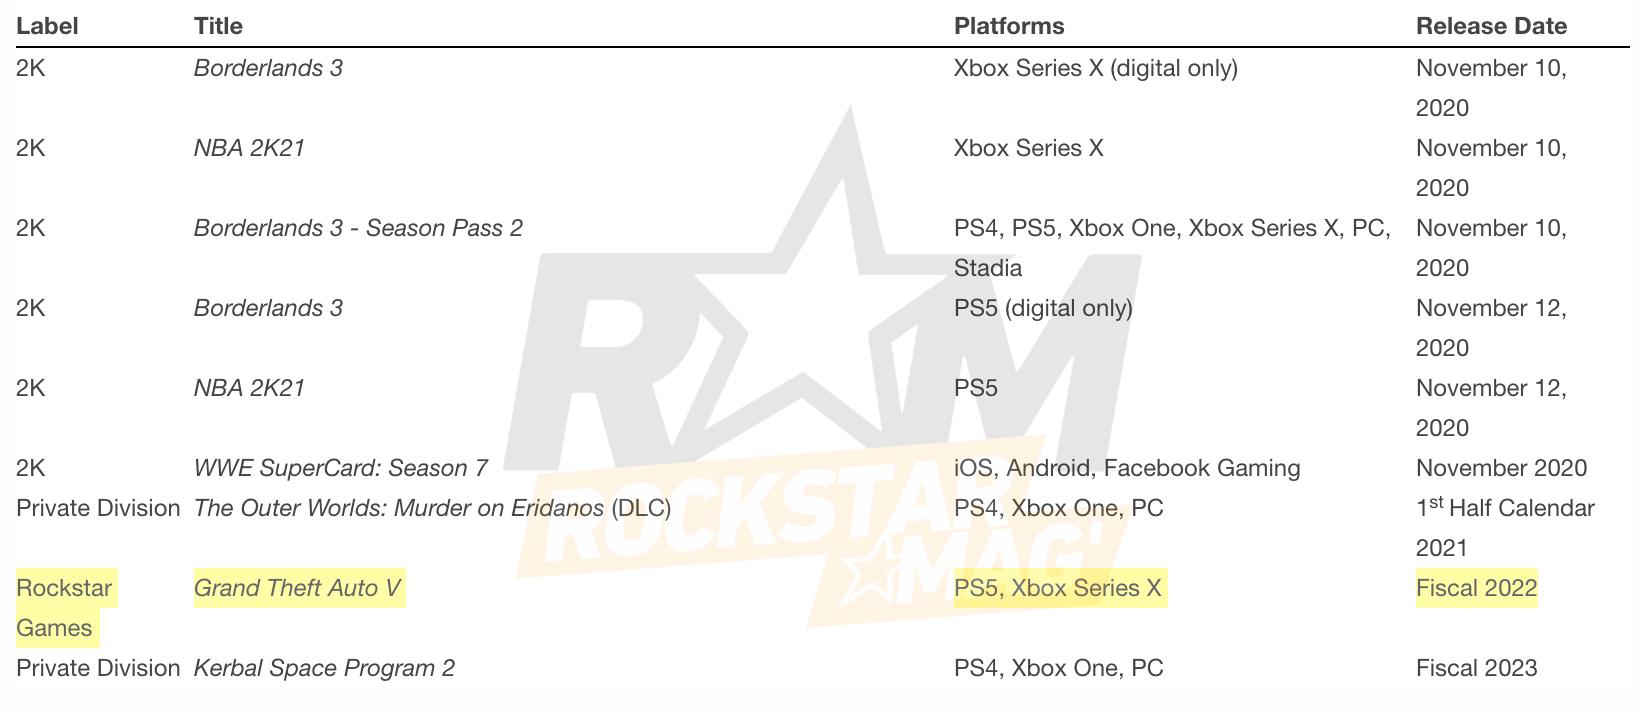 Nouvelle Date de Sortie GTA V sur PS5 et Xbox Series X